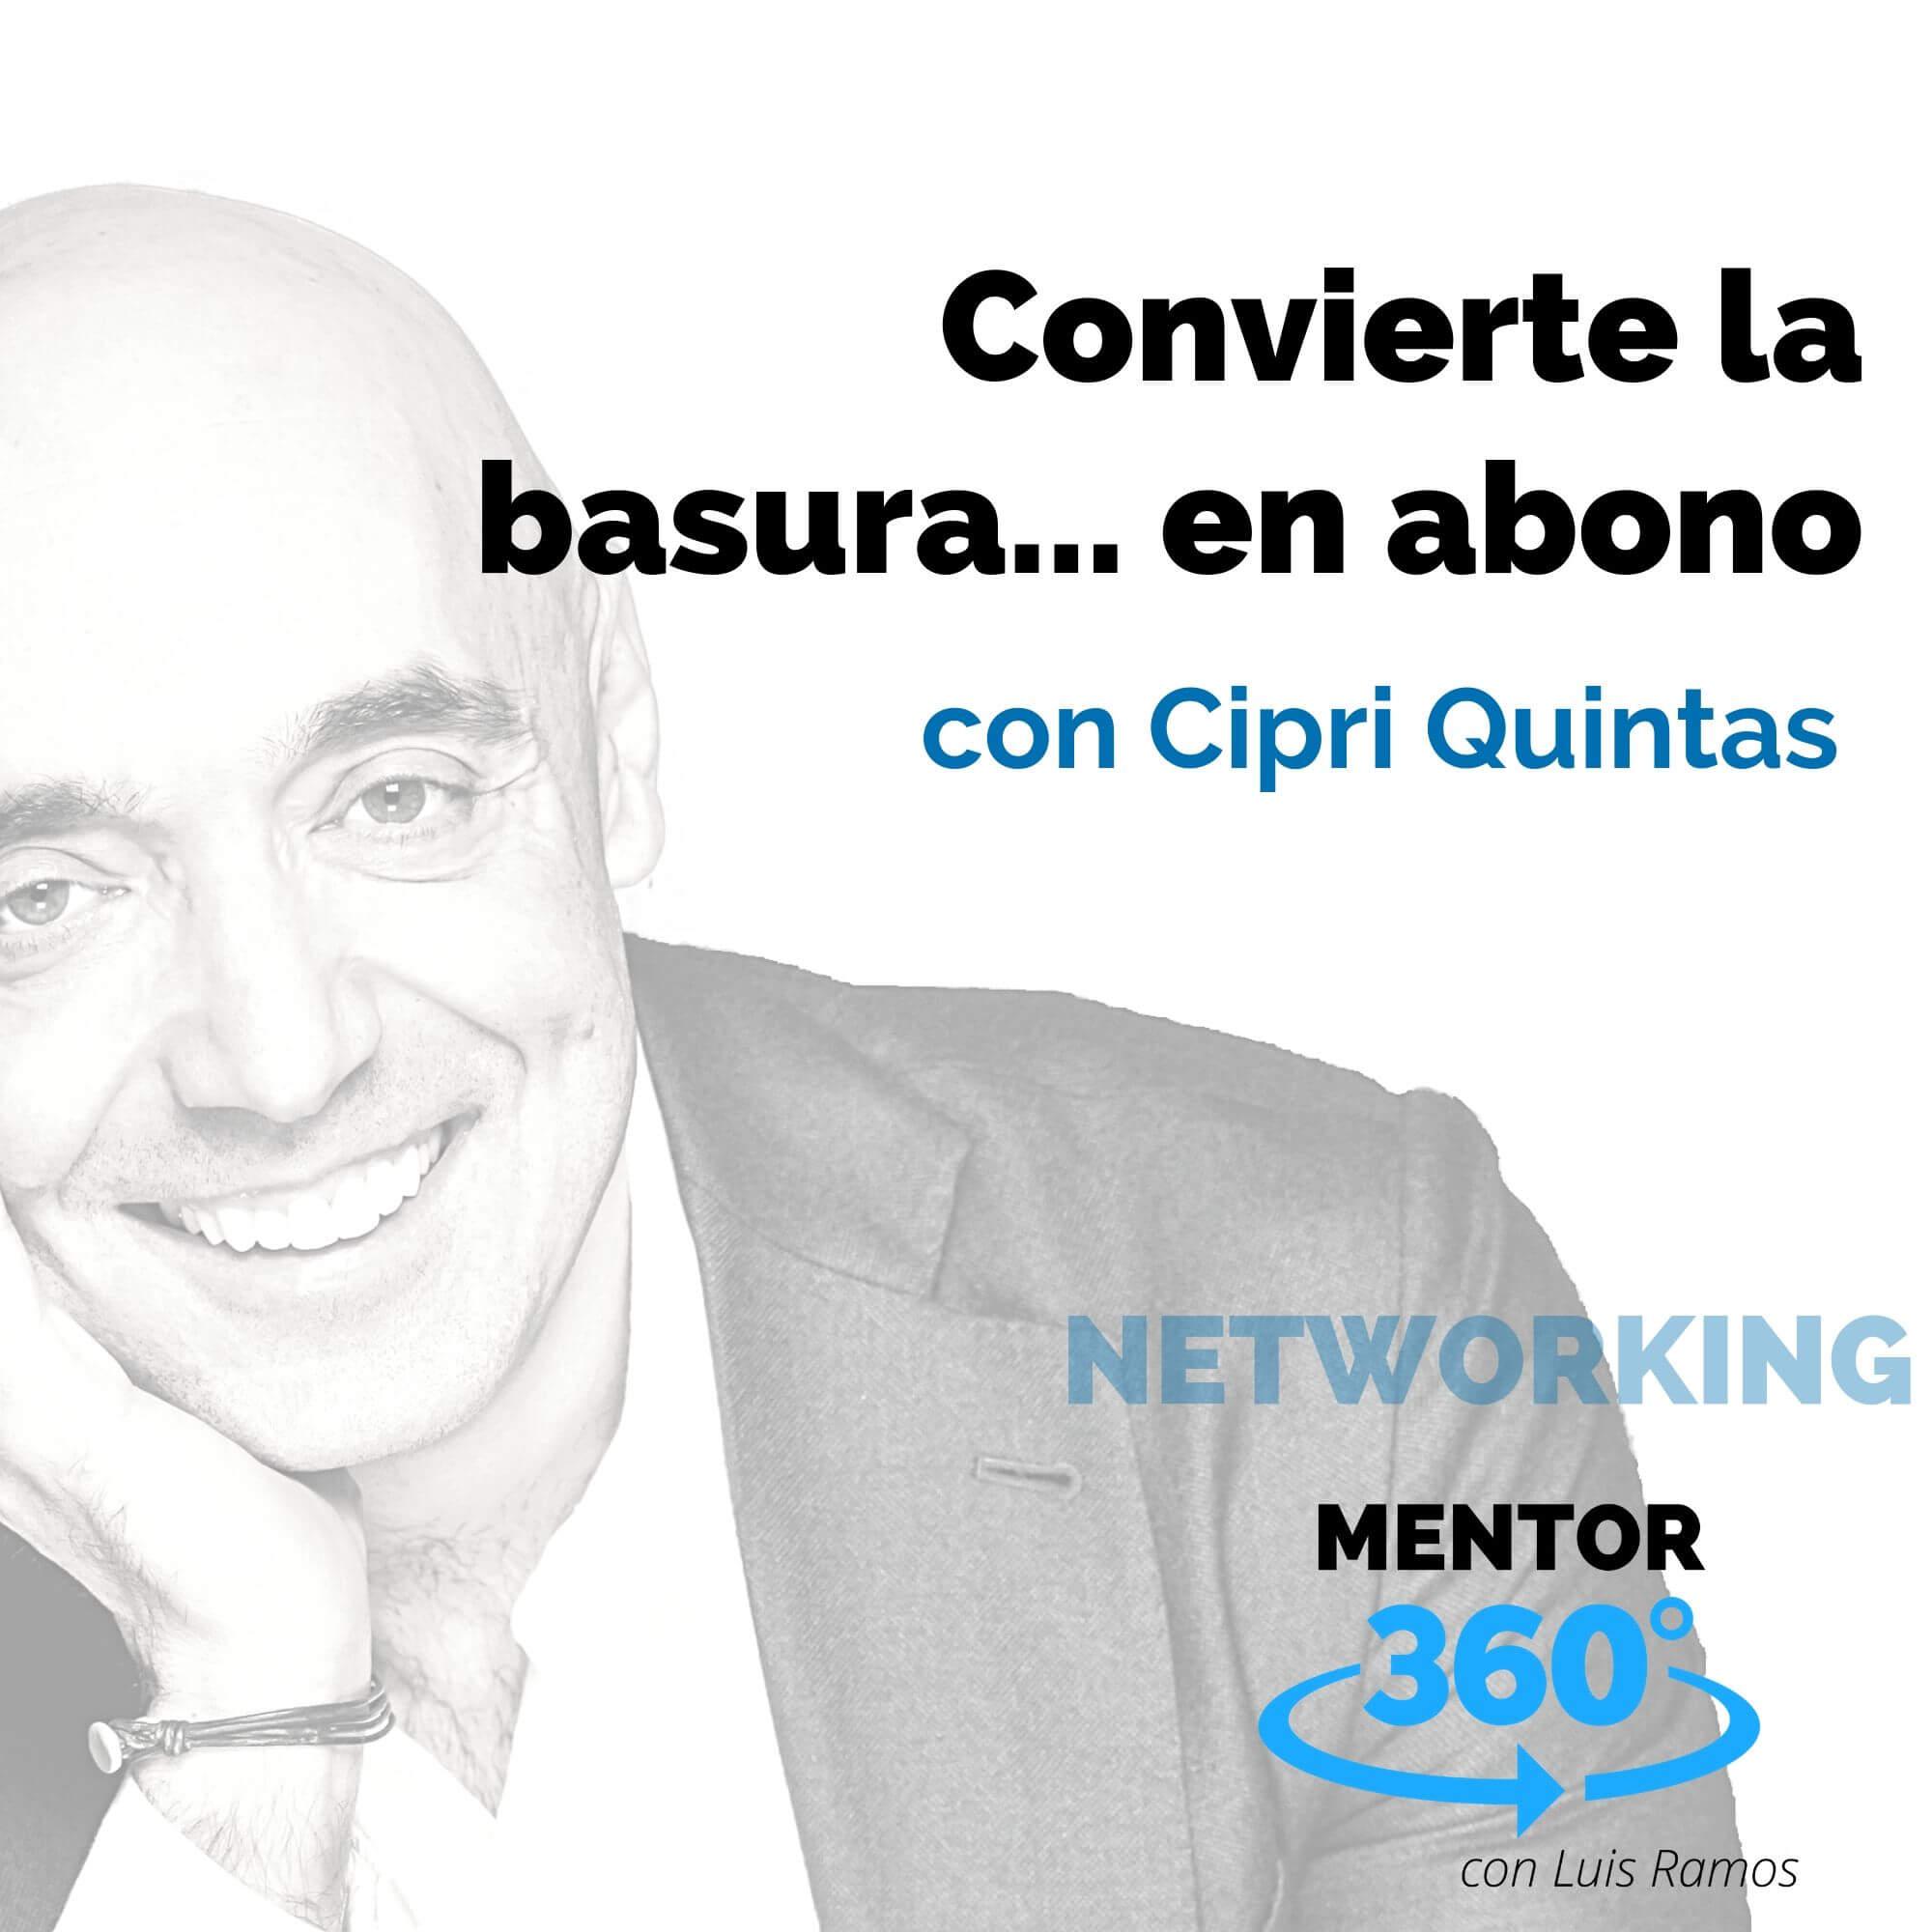 Convierte la basura... en abono, con Cipri Quintas - NETWORKING